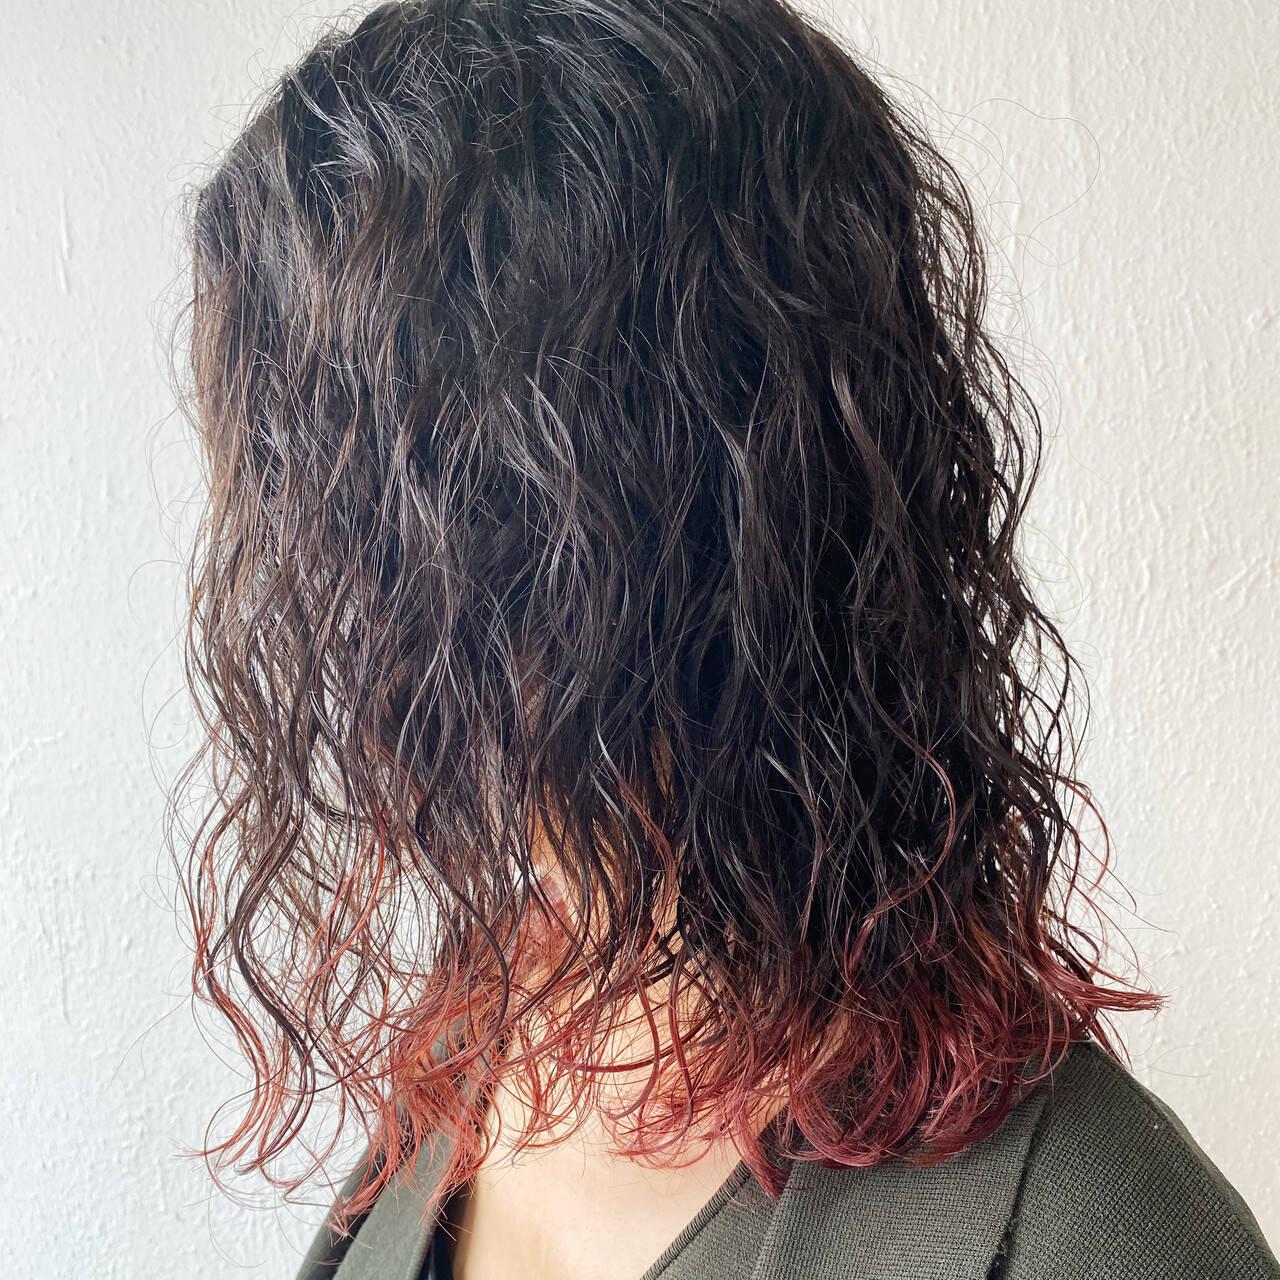 ピンクベージュ ウルフレイヤー グラデーションカラー ミディアムヘアスタイルや髪型の写真・画像